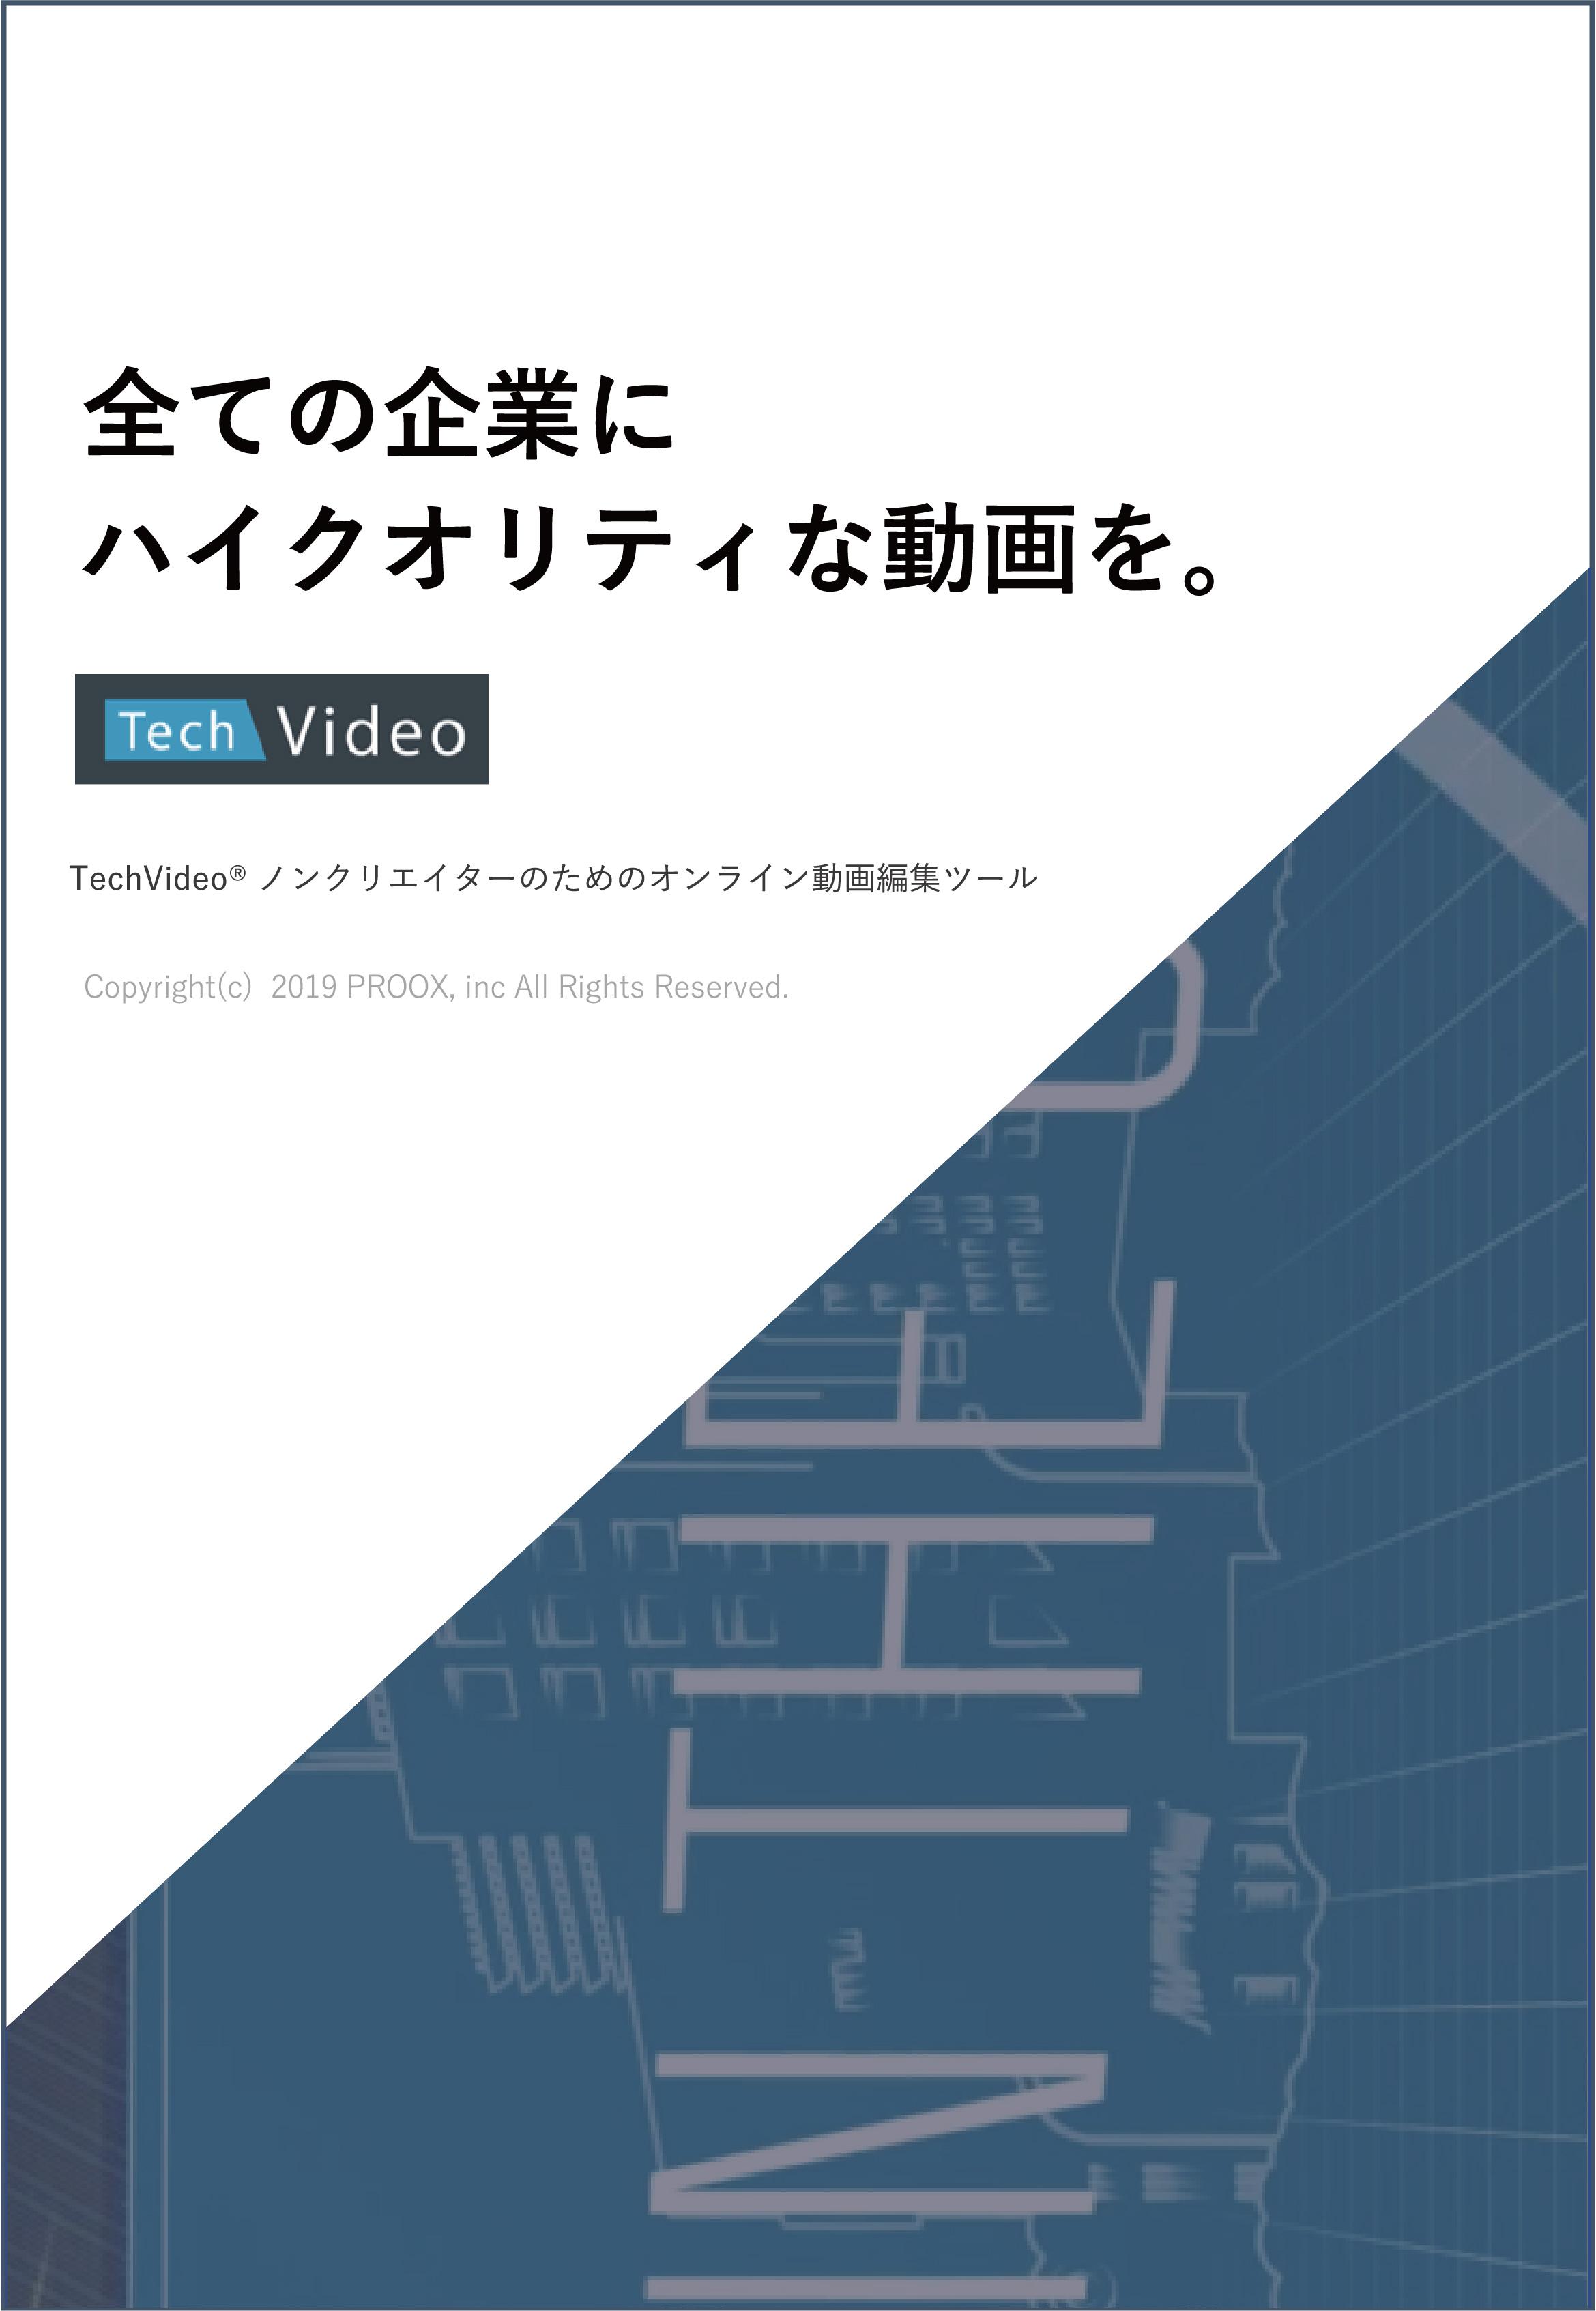 テックビデオ サムネイル-01 (1)